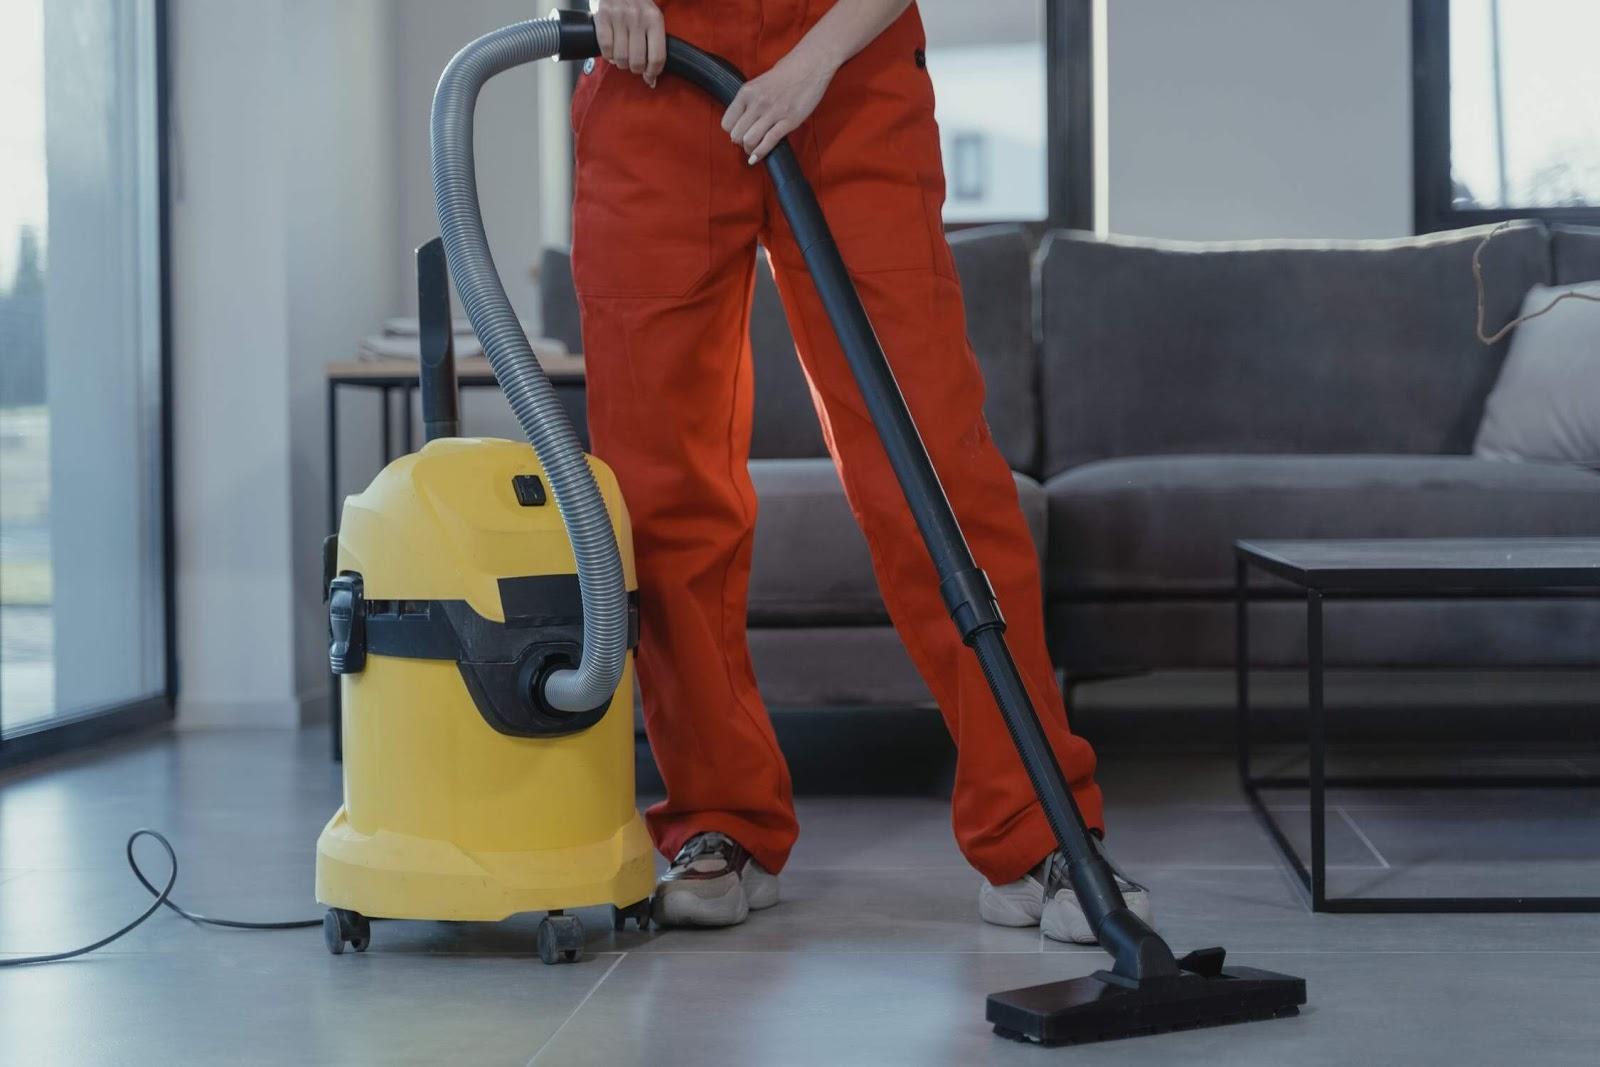 cleaner using vacuum in office